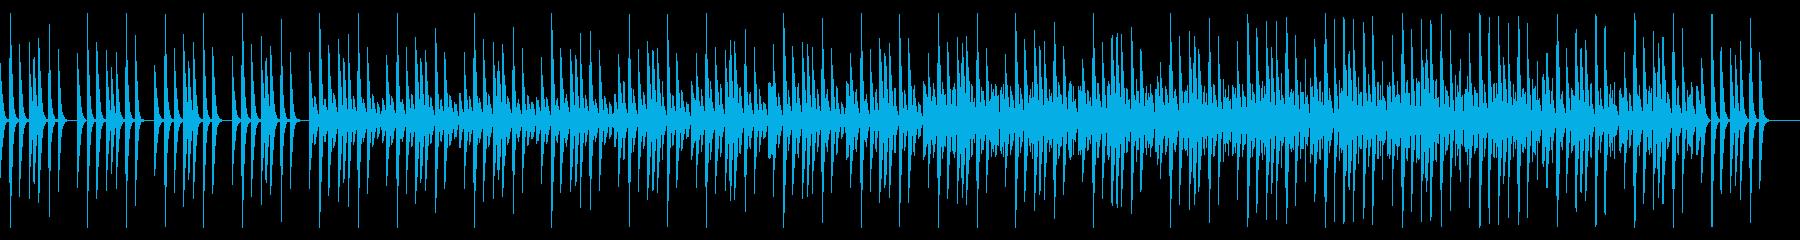 超シンプル!おとぼけで明るいBGMの再生済みの波形